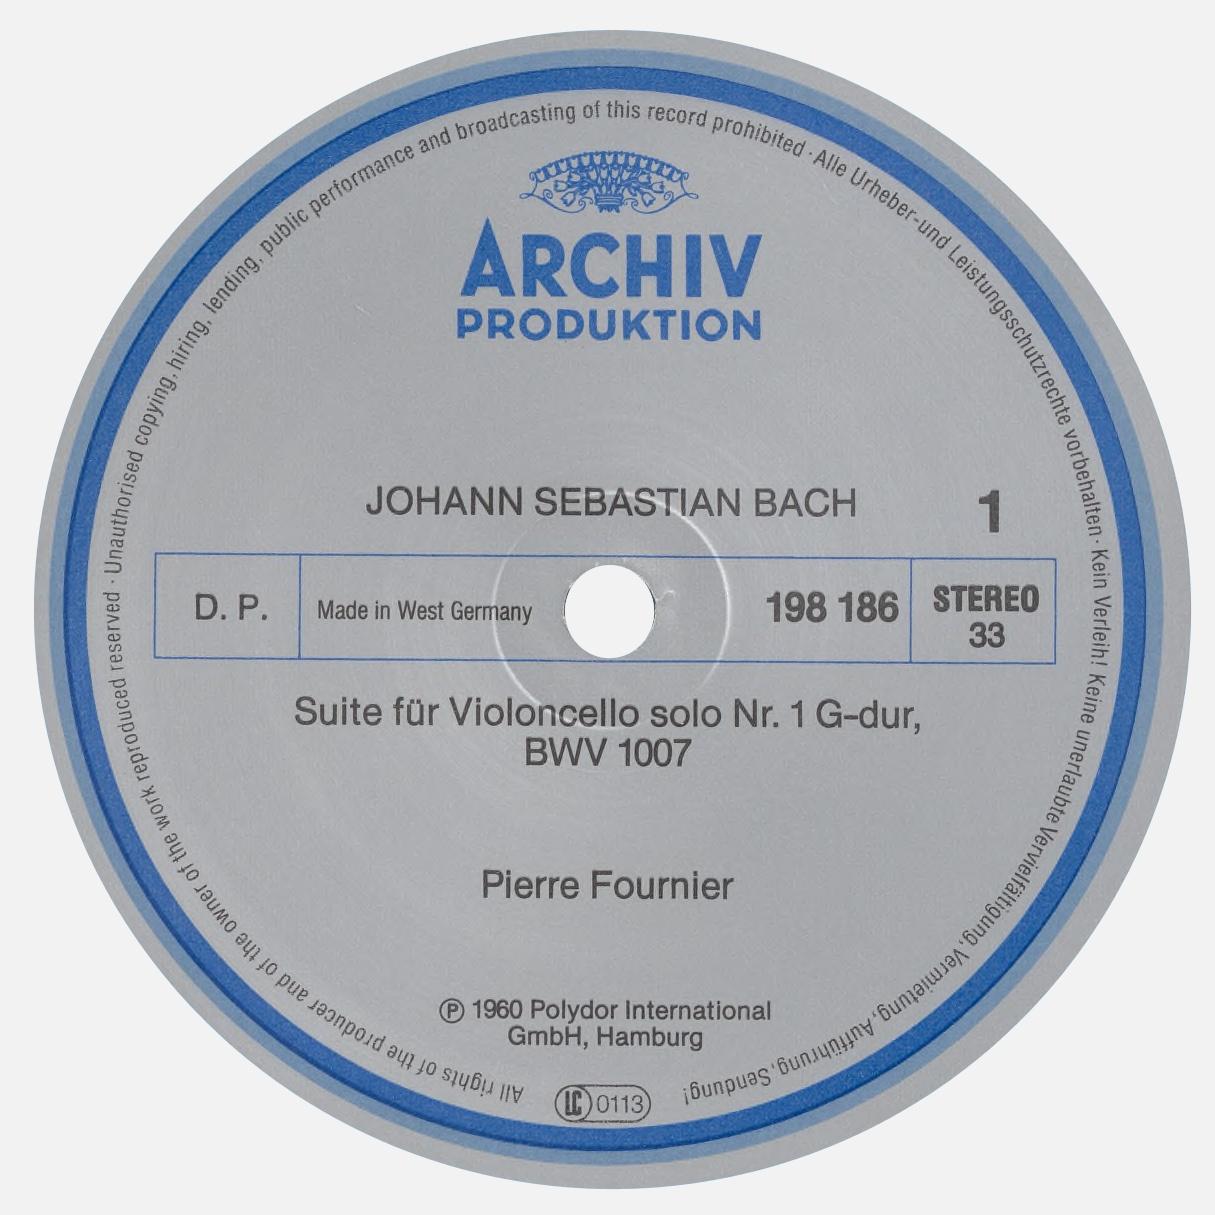 Étiquette recto du disque Archiv Produktion 198 186